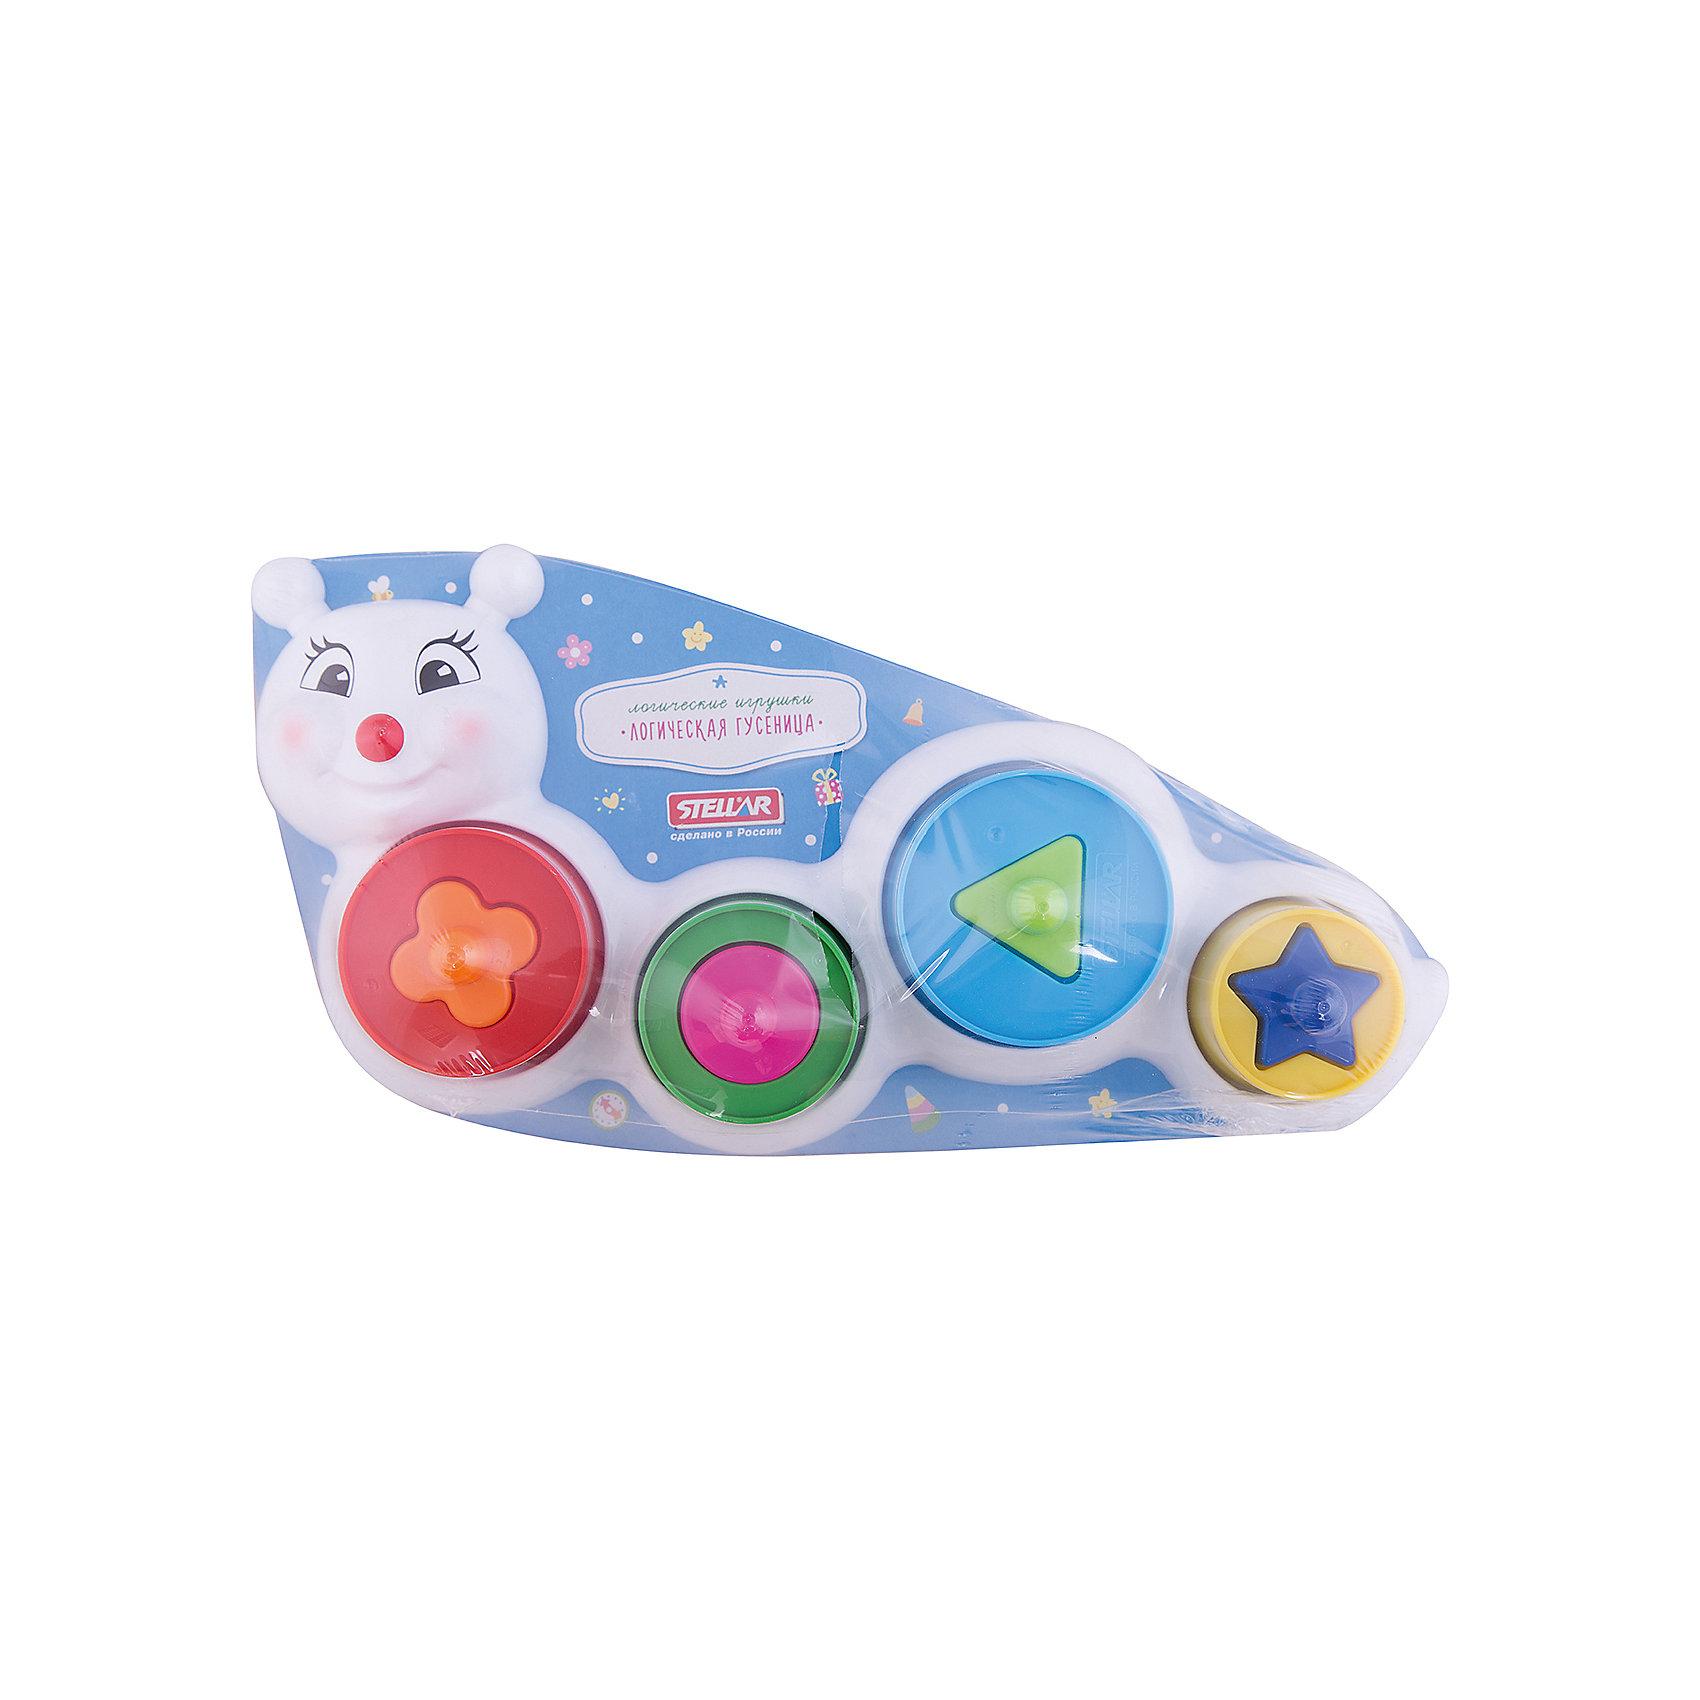 Логическая Гусеница, StellarРазвивающие игрушки<br>Характеристики товара:<br><br>- цвет: разноцветный;<br>- материал: пластик;<br>- возраст: от 1 года;<br>- размер: 30х16х19 см;<br>- пирамидка, сортер.<br><br>Эта игрушка будет помогать всестороннему развитию малыша и занимать его. Такой набор предназначен для формирования разных навыков, он помогает развить тактильное восприятие, мелкую моторику, воображение, цветовосприятие, внимание и логику. Яркая гусеница-пирамидка дополнена сортером - с его помощью малыш научится соотносить формы.<br>Изделие выполнено в ярких цветах, привлекающих внимание малыша. С такой игрушкой детям очень нравится проводить время! Изделие произведено из качественных материалов, безопасных для ребенка.<br><br>Игрушку Логическая Гусеница от бренда Stellar можно купить в нашем интернет-магазине.<br><br>Ширина мм: 305<br>Глубина мм: 160<br>Высота мм: 190<br>Вес г: 200<br>Возраст от месяцев: 12<br>Возраст до месяцев: 2147483647<br>Пол: Унисекс<br>Возраст: Детский<br>SKU: 5079944